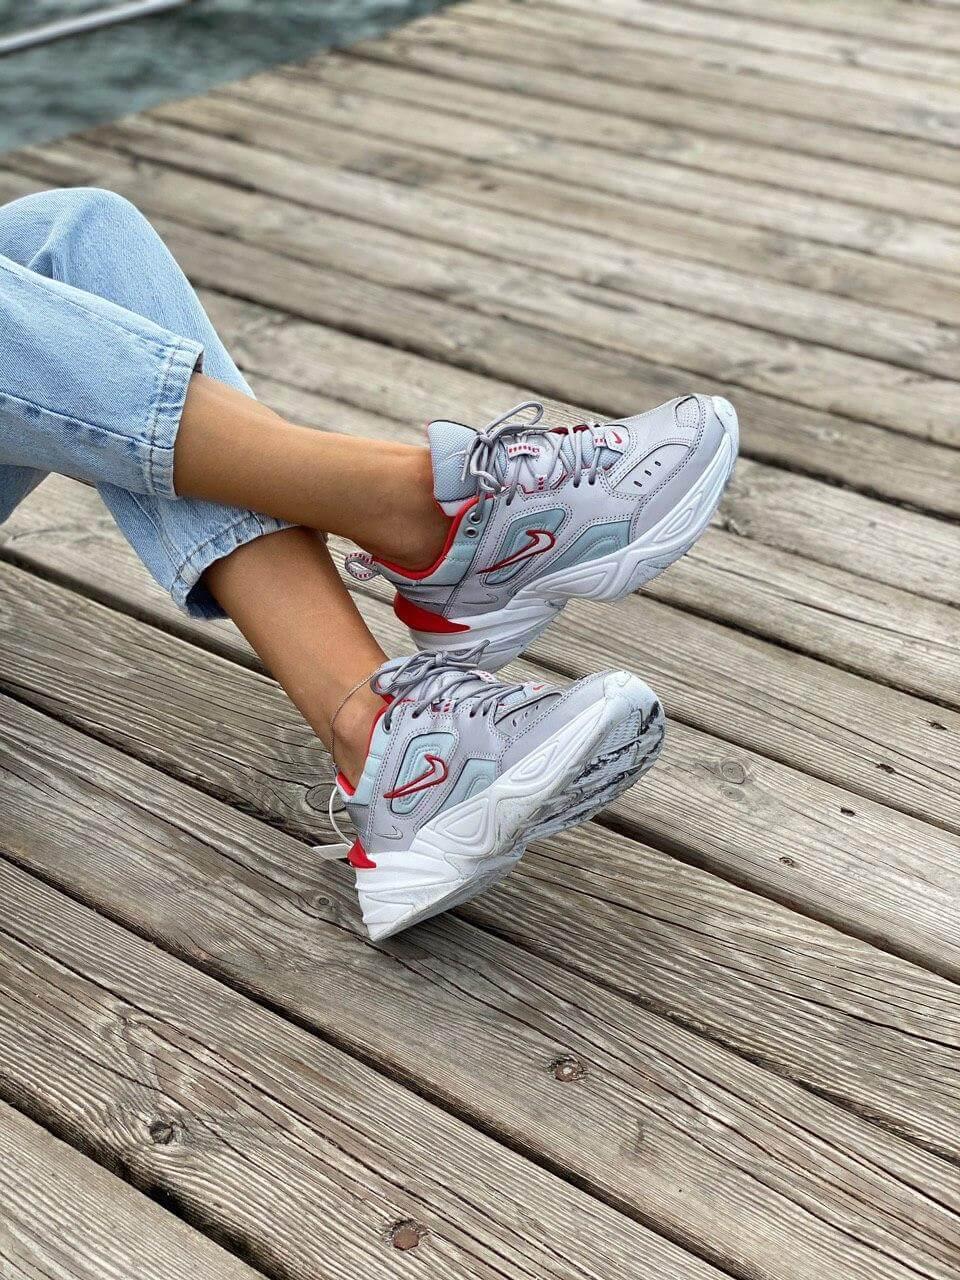 Женские кроссовки Nike M2K Tekno серого цвета (Кроссовки Найк М2К Текно серебристые)